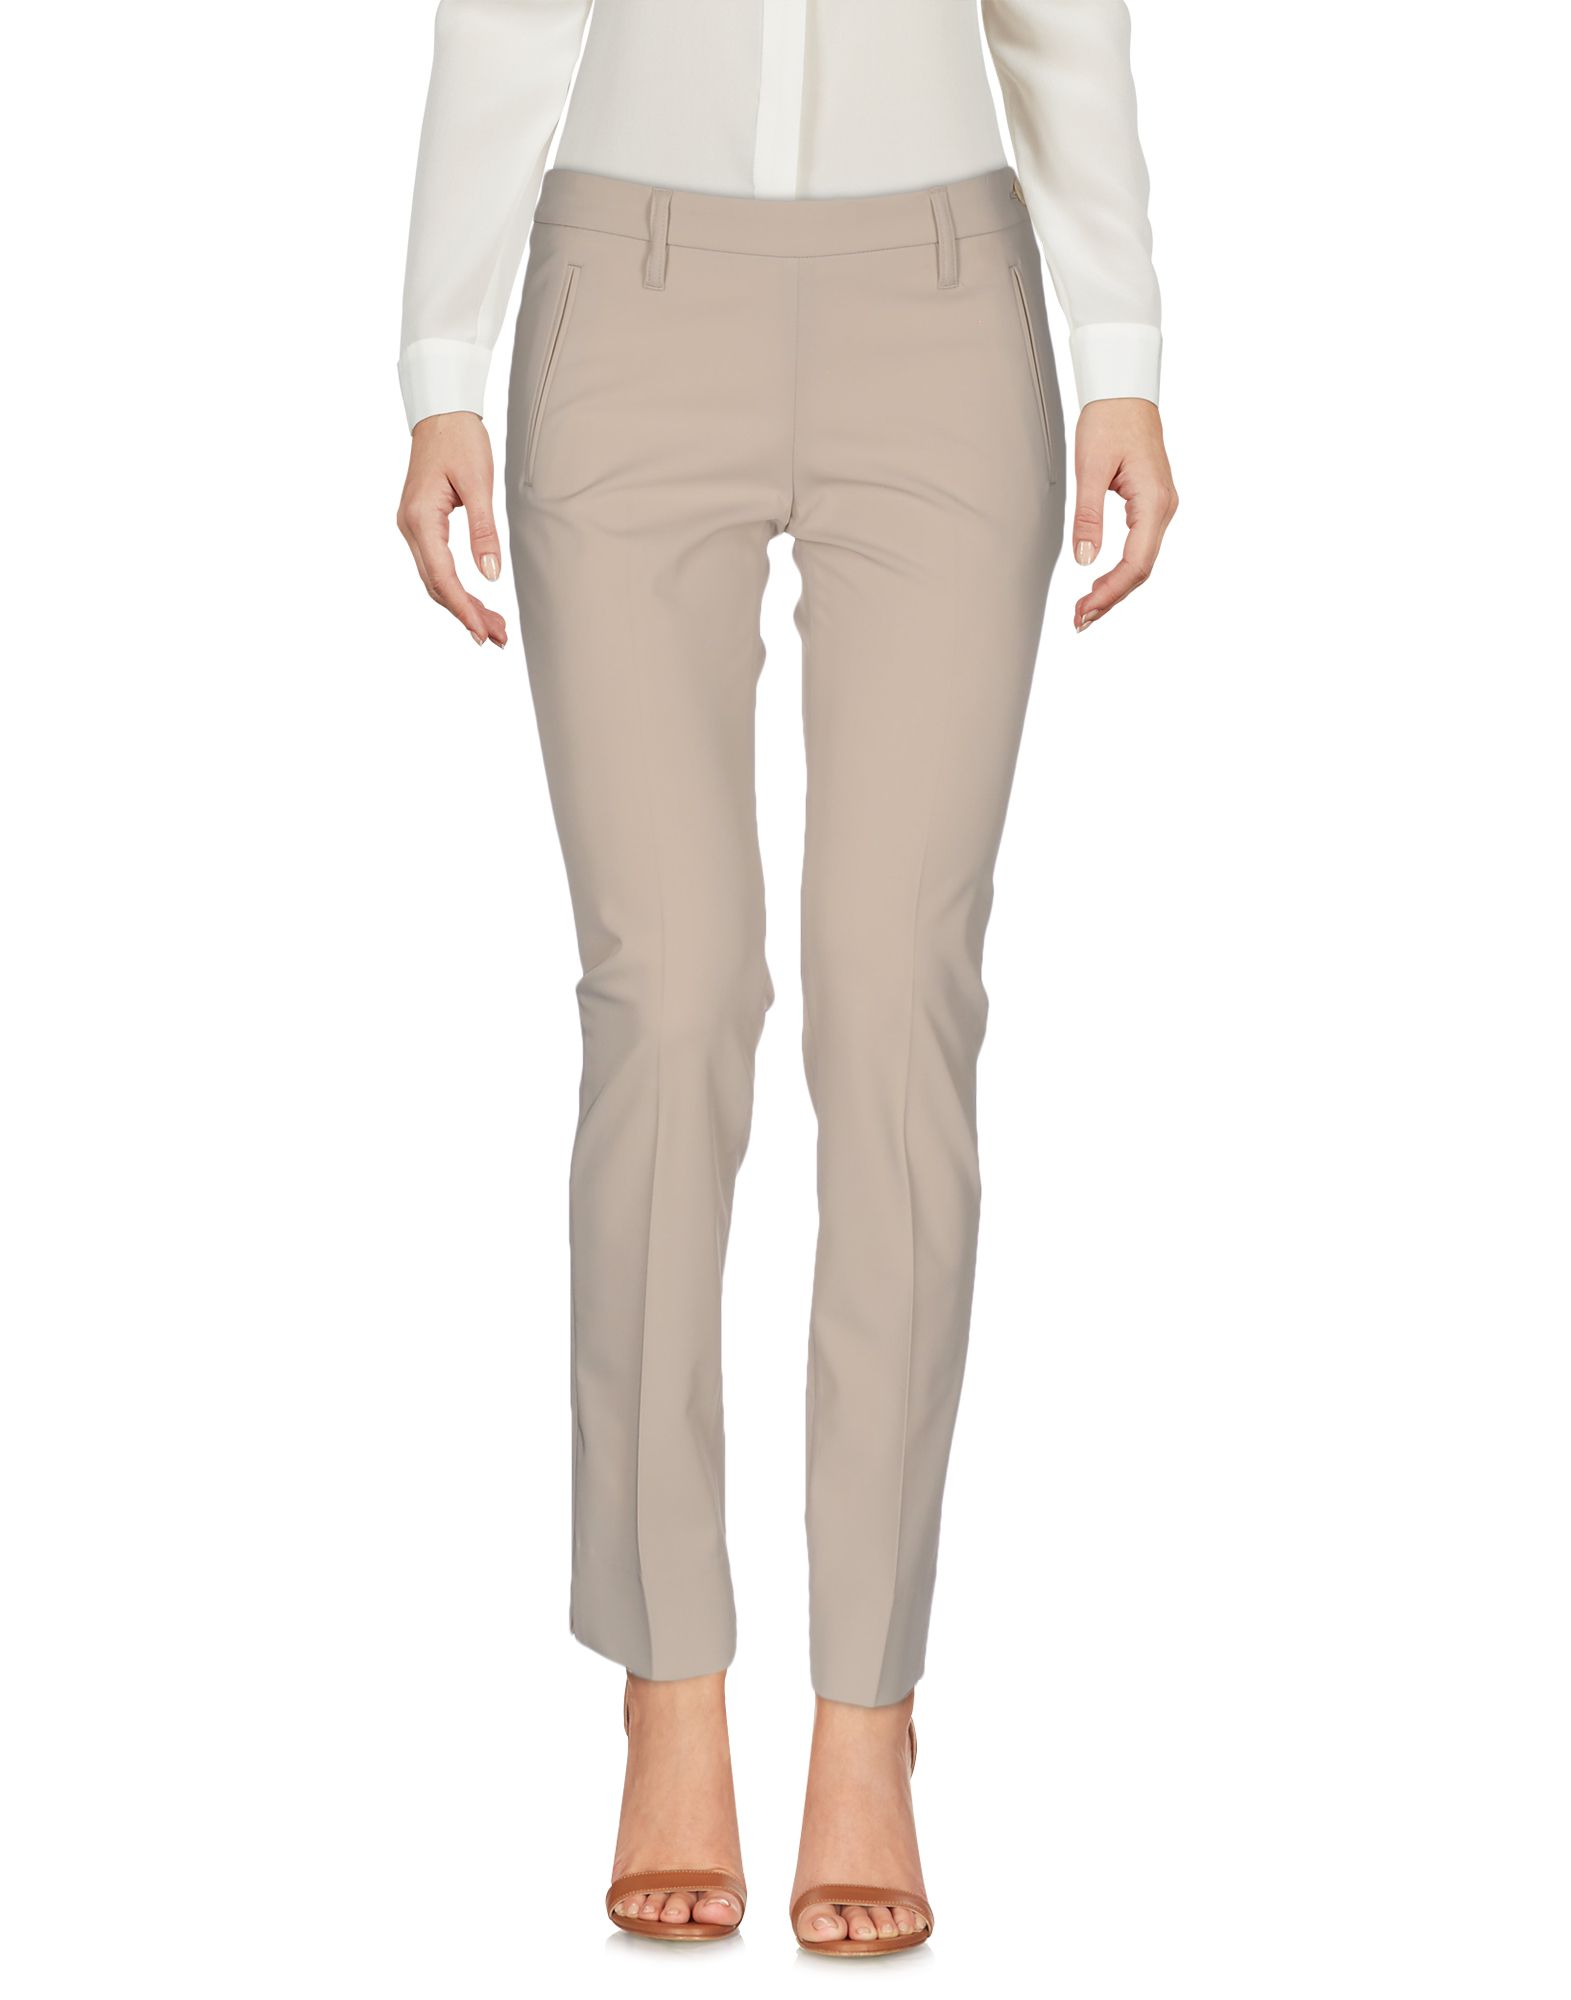 BAD Повседневные брюки майка классическая printio во все тяжкие braiking bad ч б